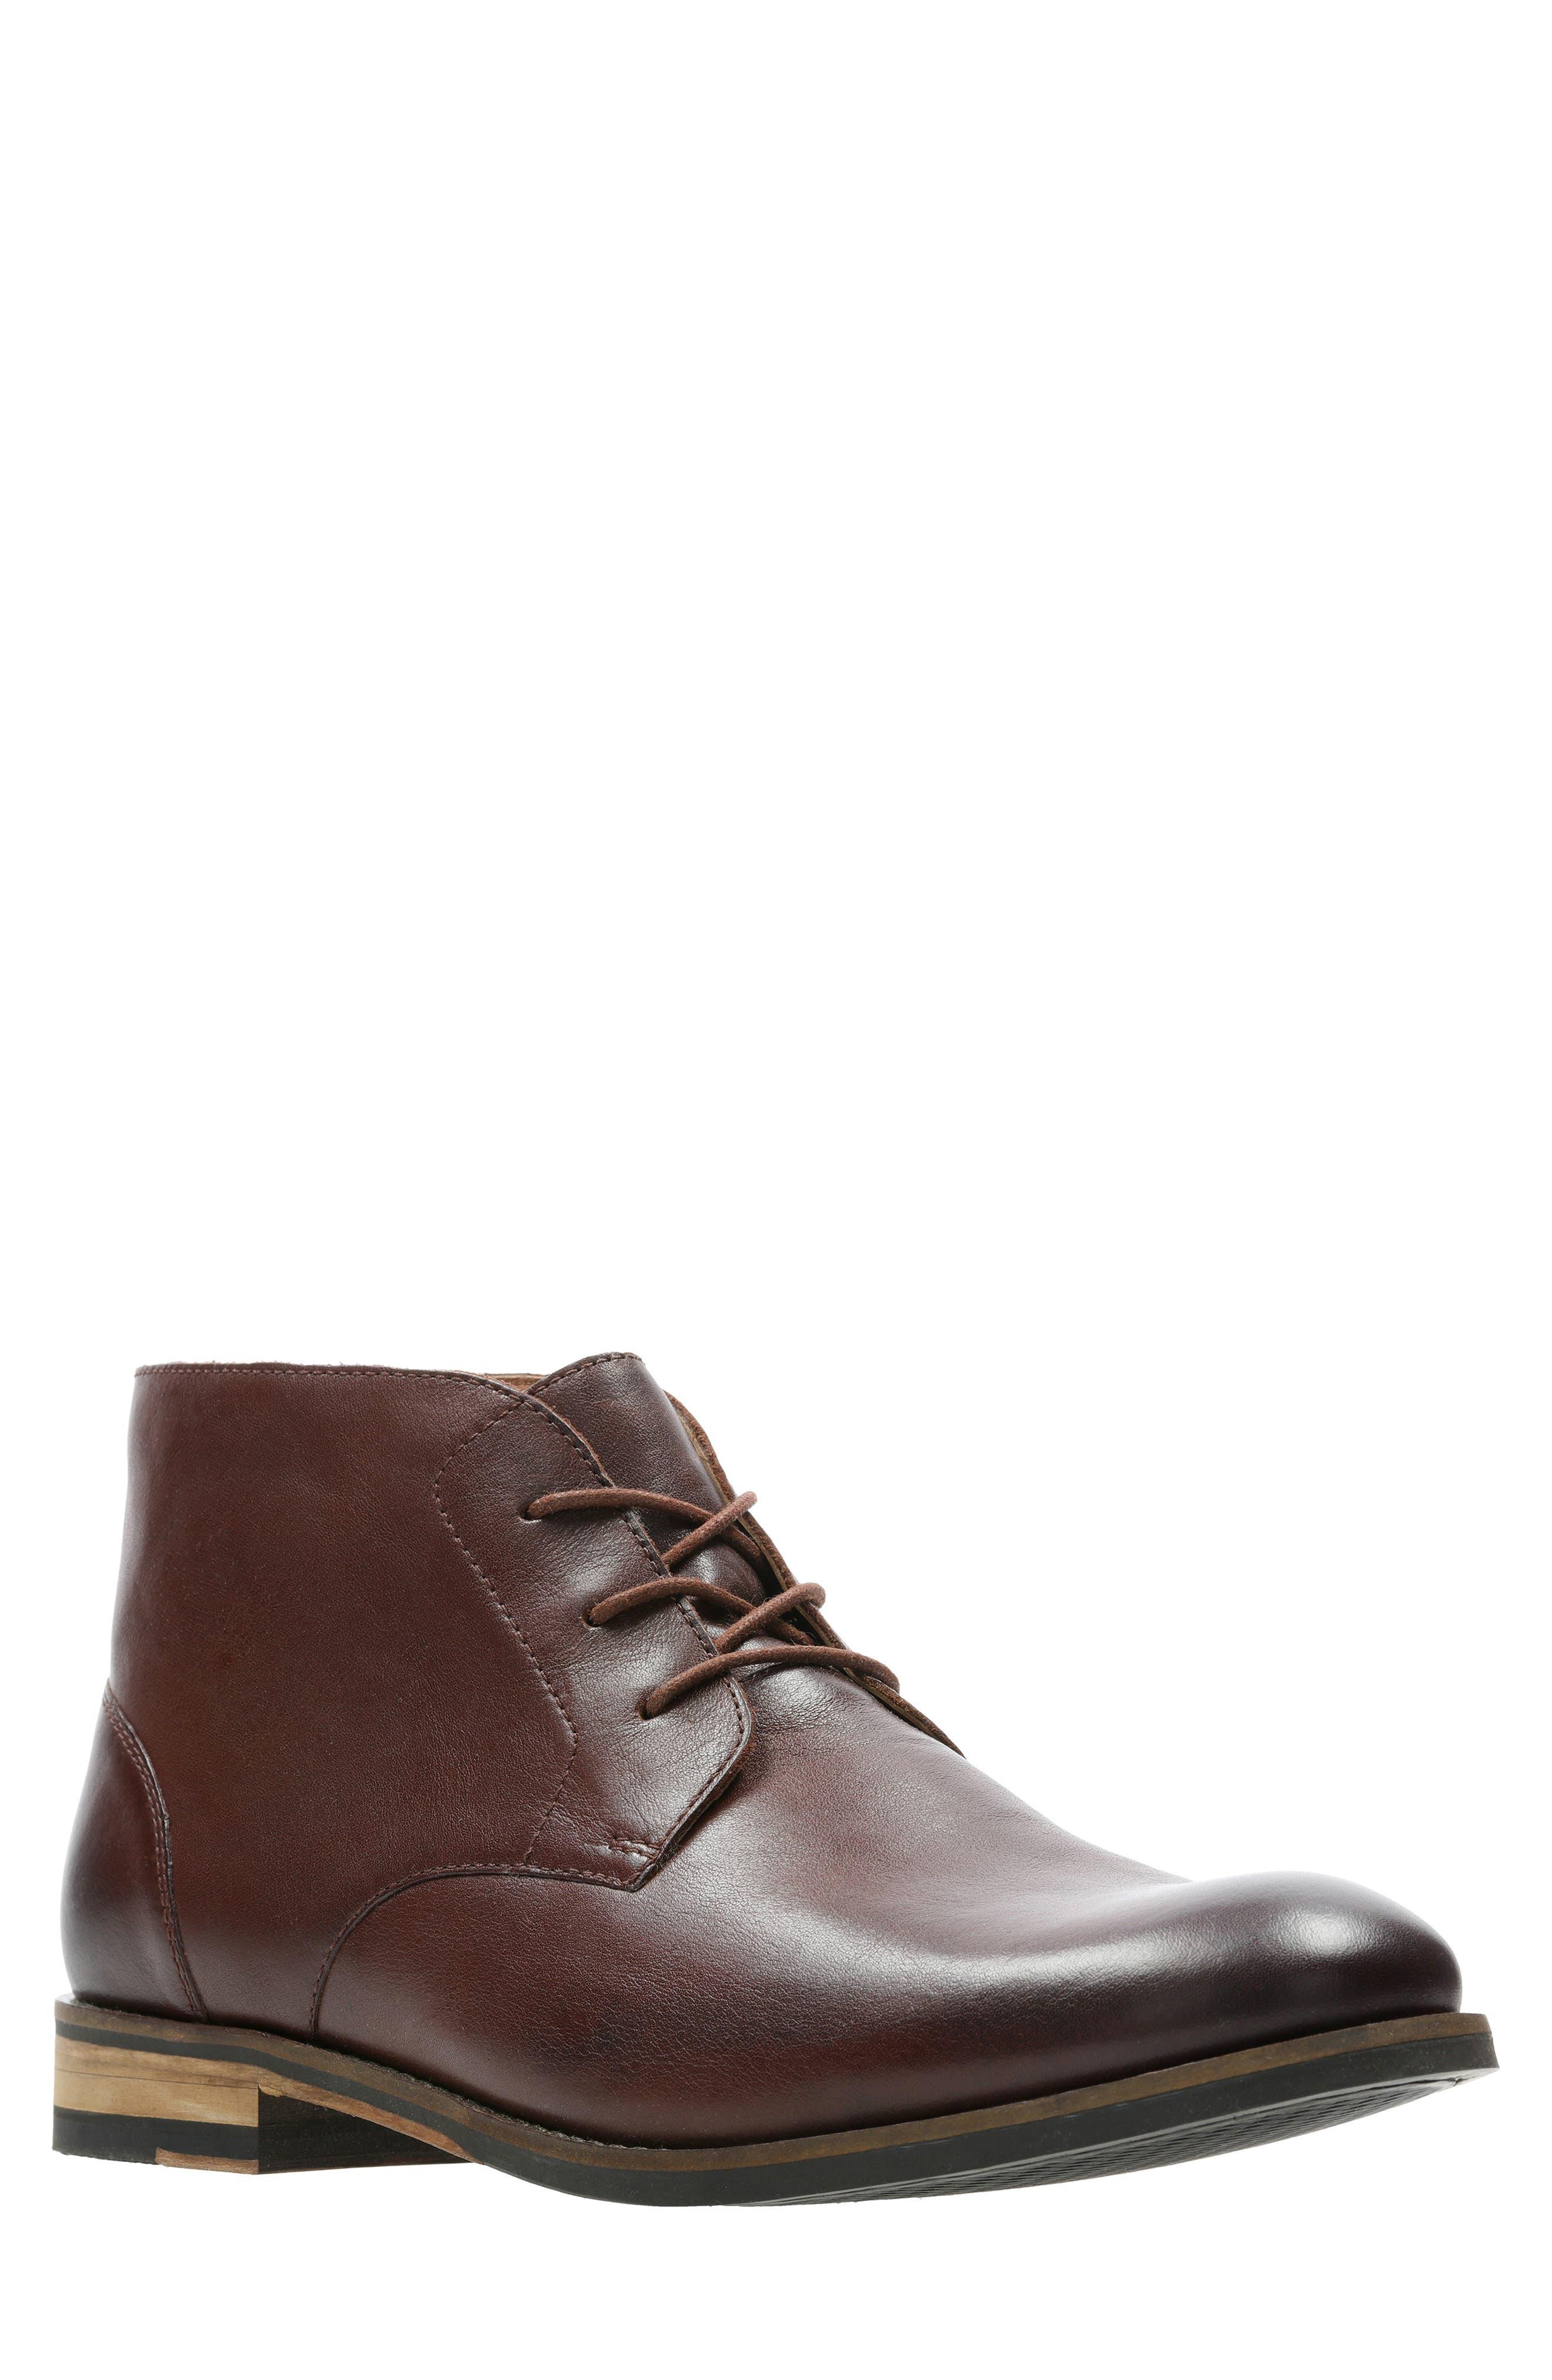 Clarks Flow Top Chukka Boot, Brown